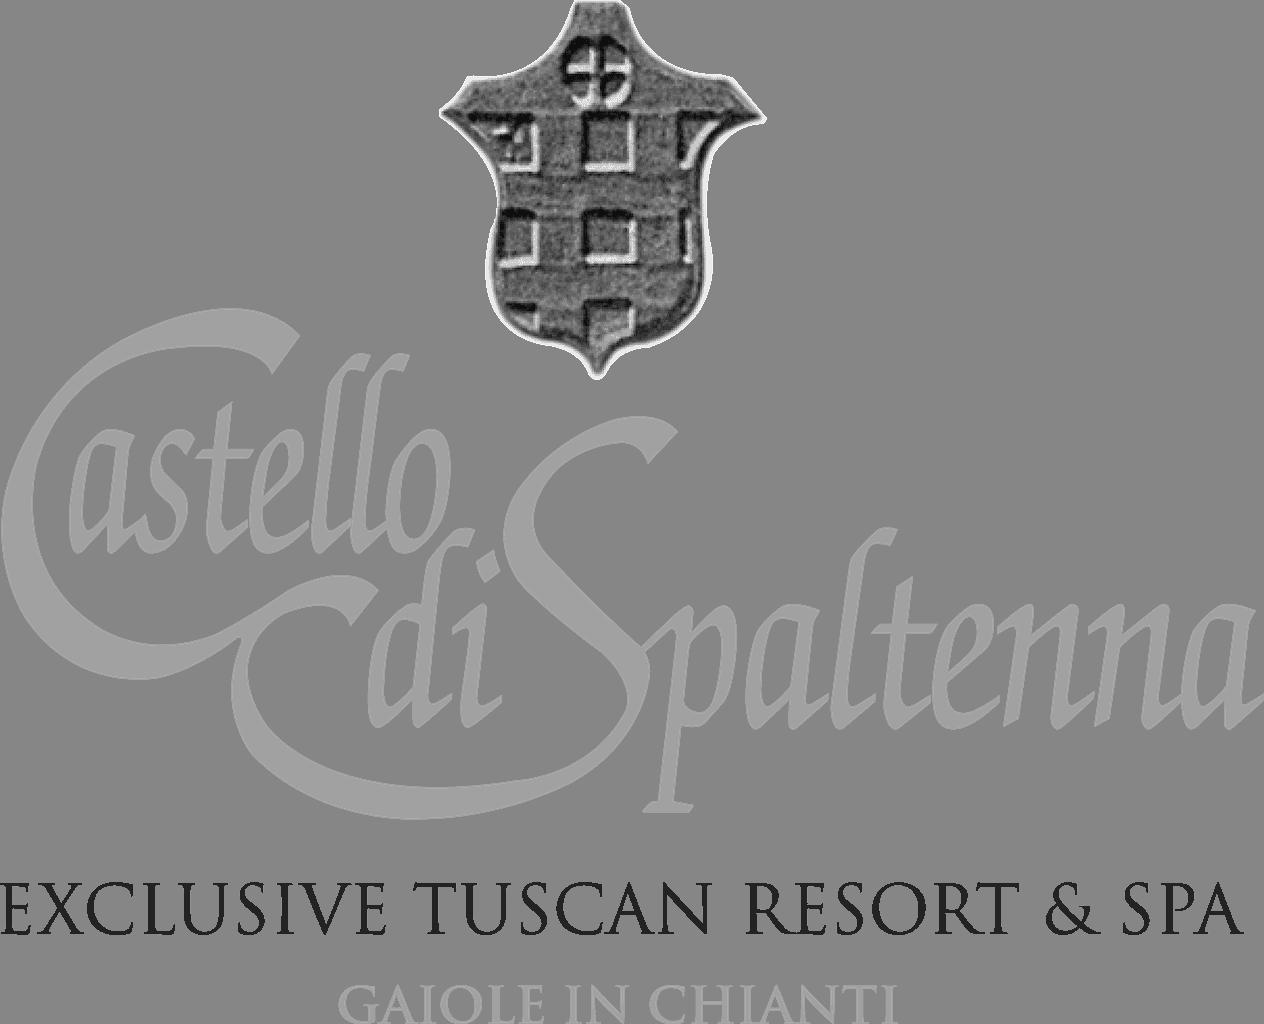 Castello di Spaltenna Logo